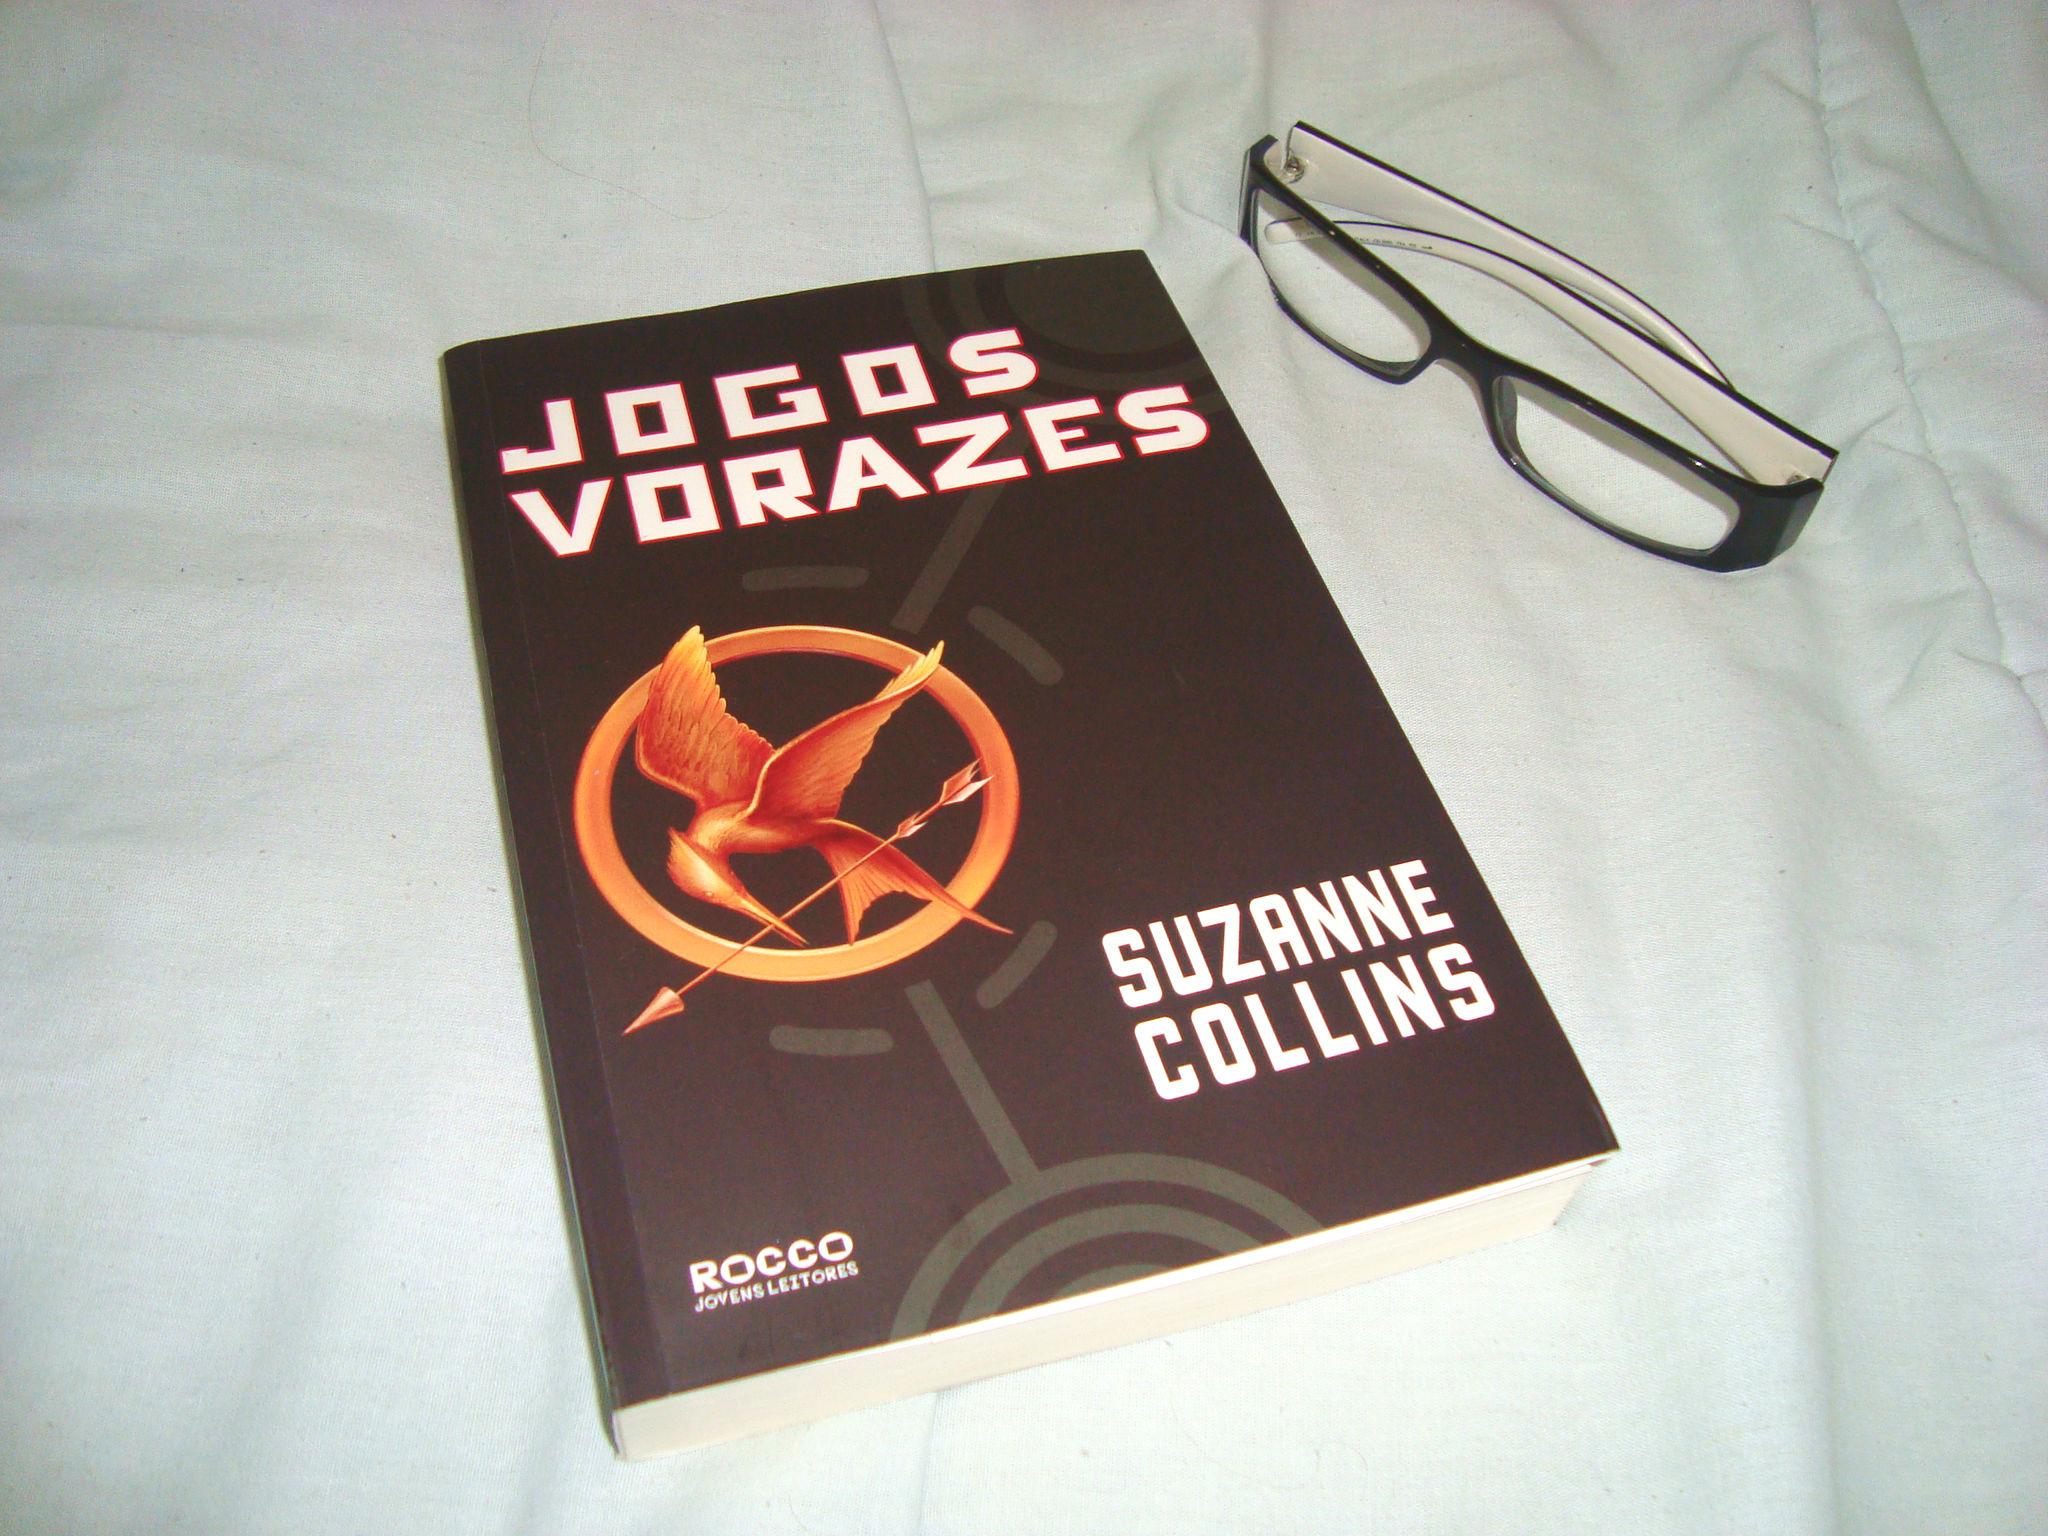 Capa do primeiro livro da trilogia Jogos Vorazes